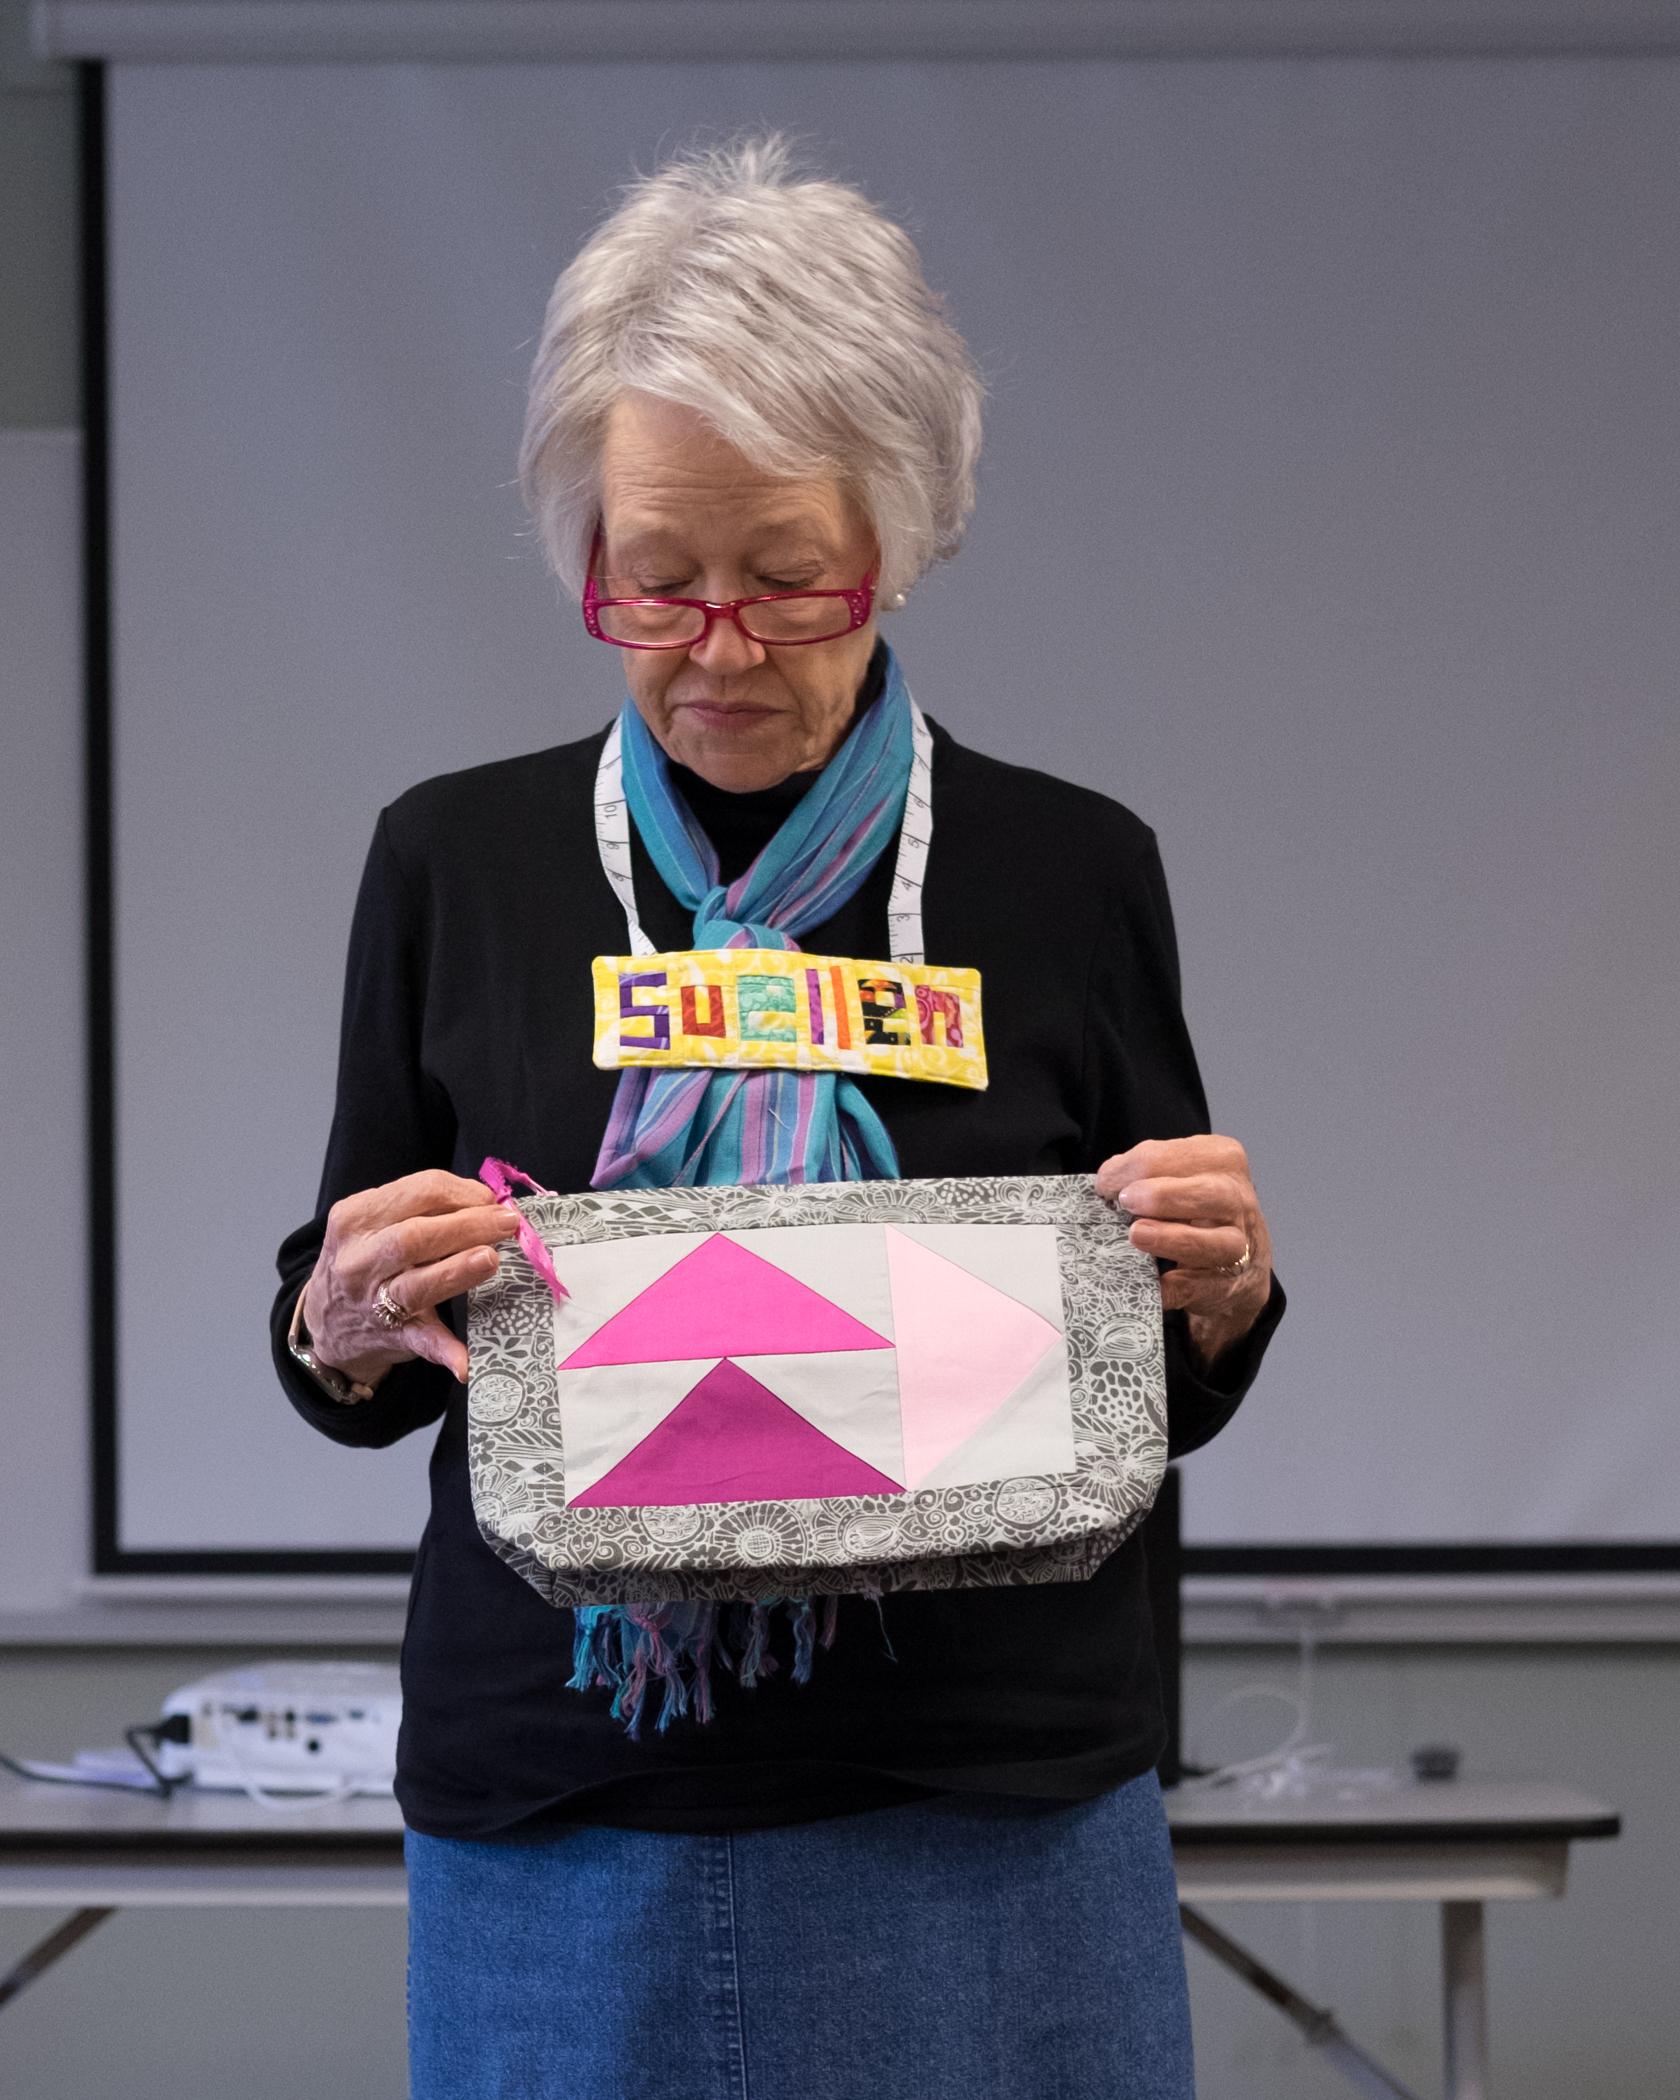 Suellen's Powder Case